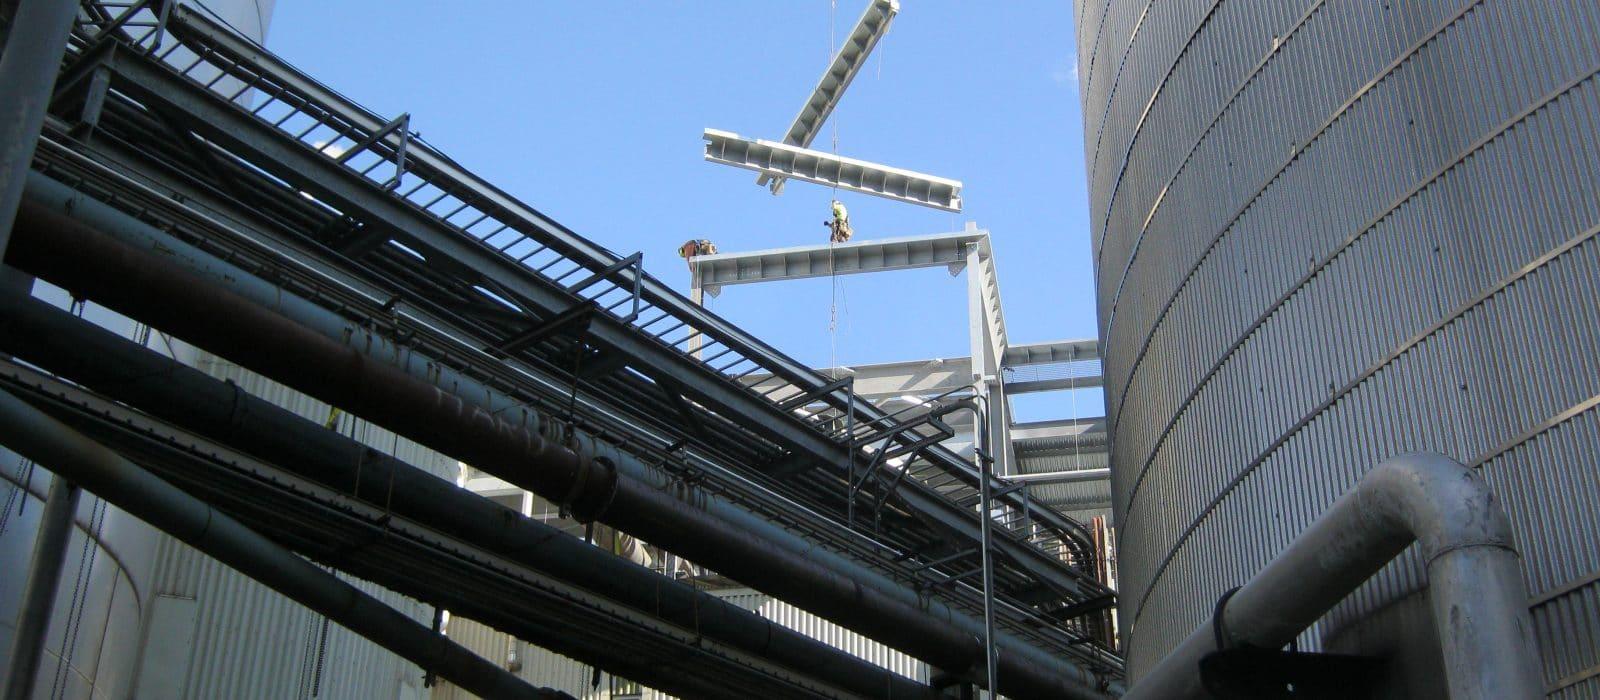 PH Glatfelter Boiler Building steel frame